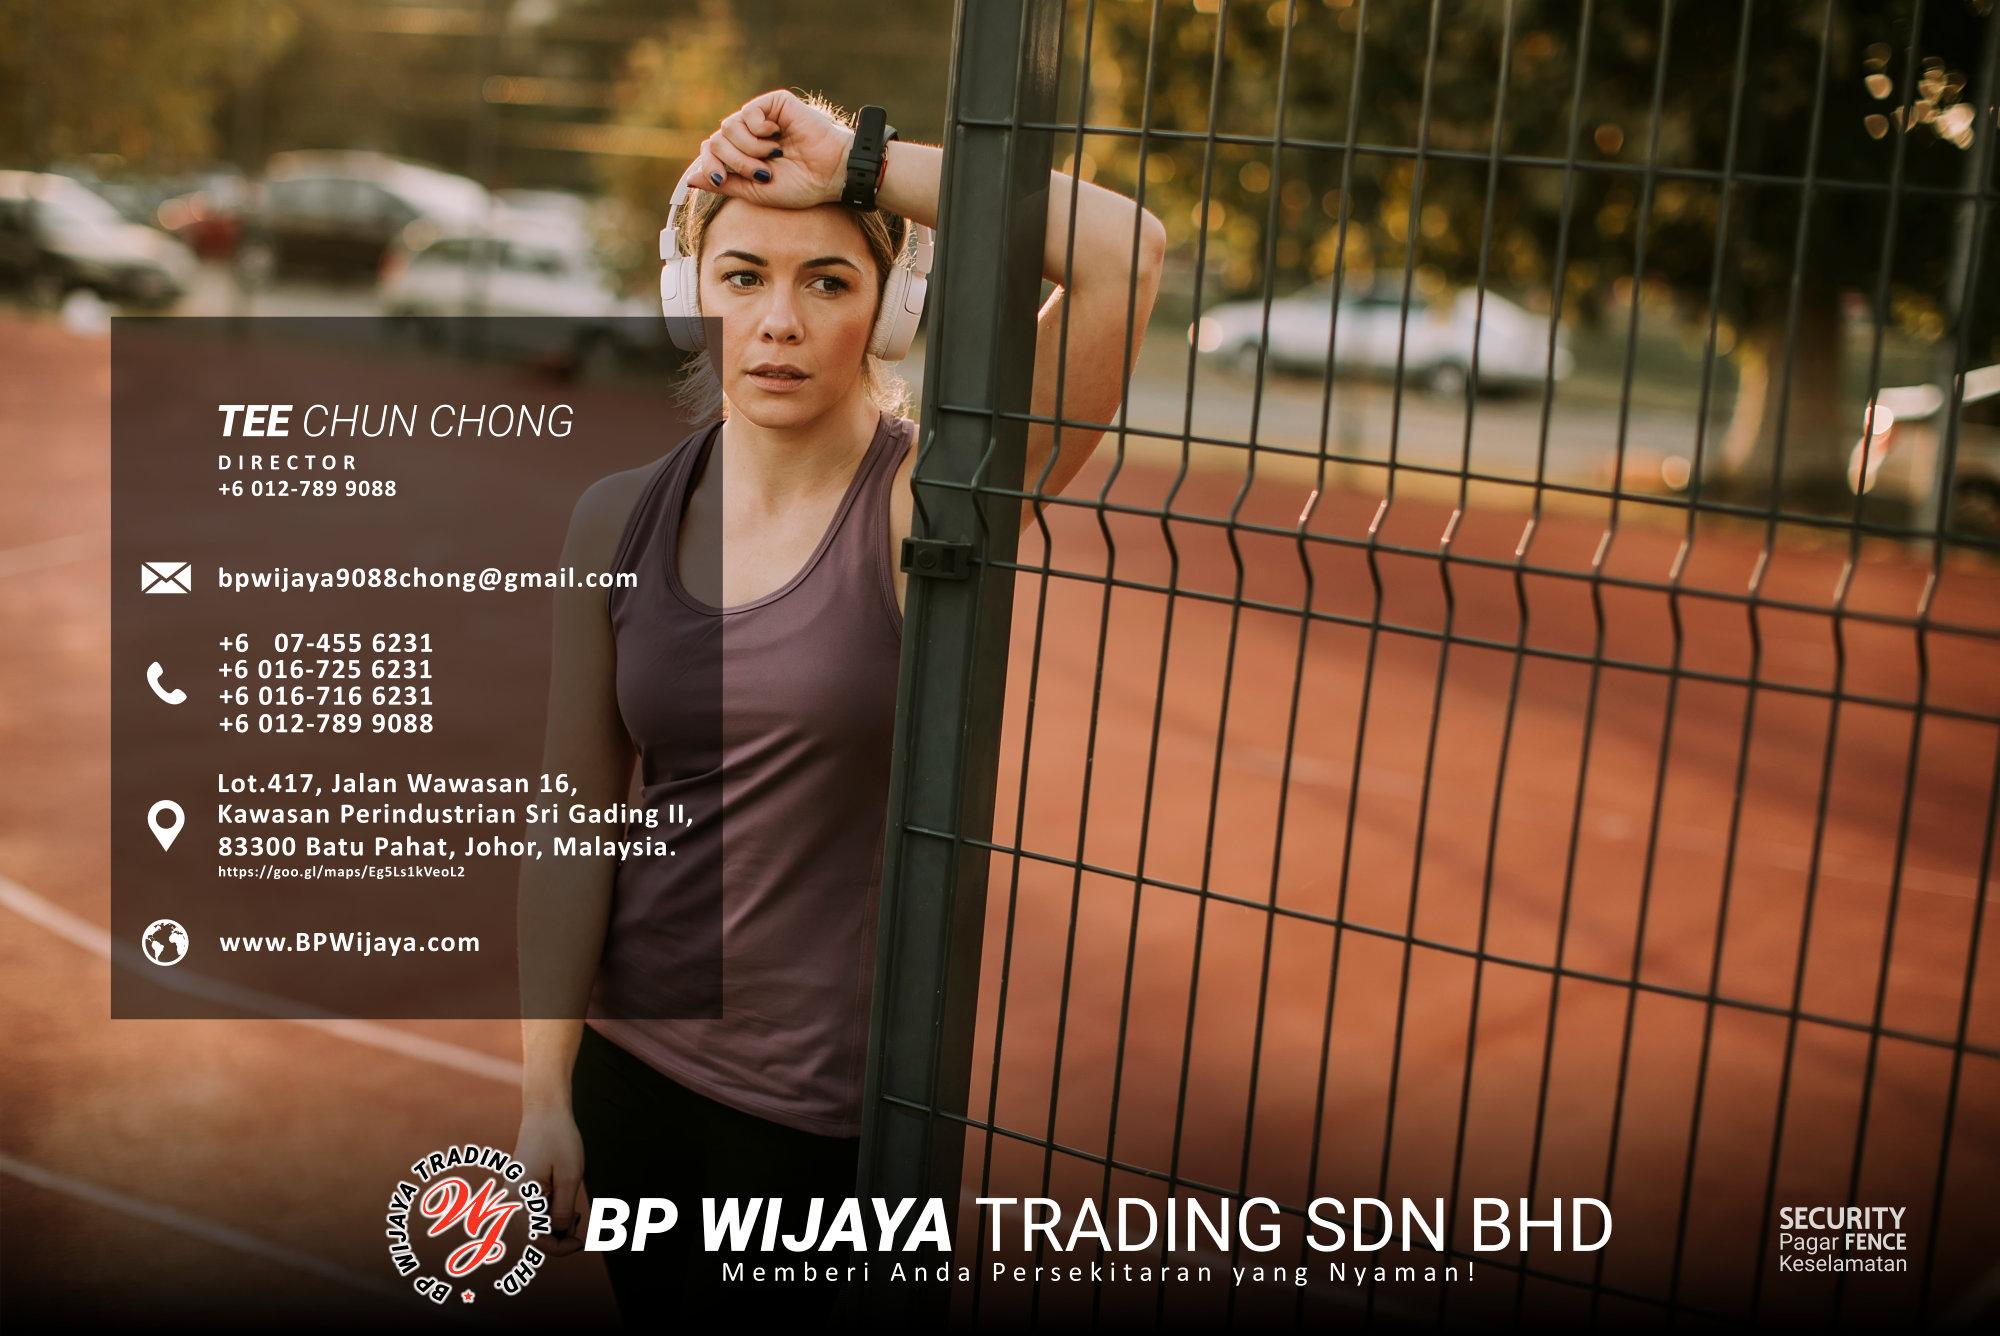 Pembekal Kuala Lumpur Pagar Keselamatan kami merupakan pengilang pagar keselamatan BP Wijaya Trading Sdn Bhd Pagar Taman Pagar Bangunan Pagar Kilang Pagar Rumah Pemborong Pagar Keselamatan A03-014